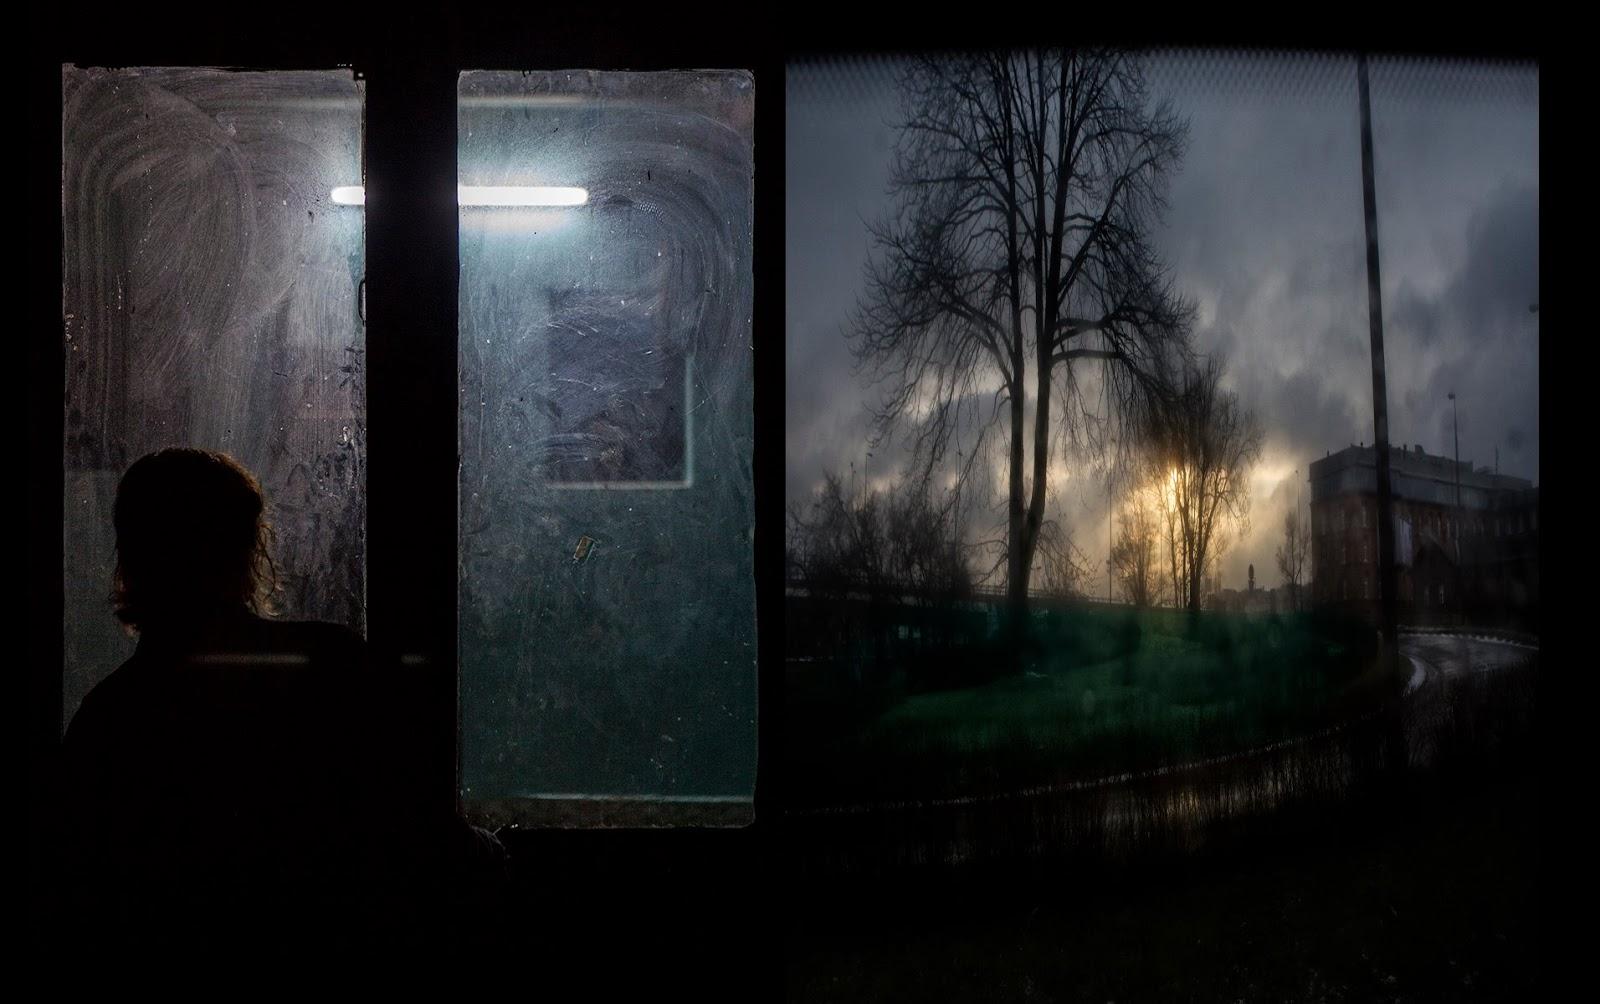 El espejo con memoria reflexiones de un fot grafo for Espejo unidireccional psicologia